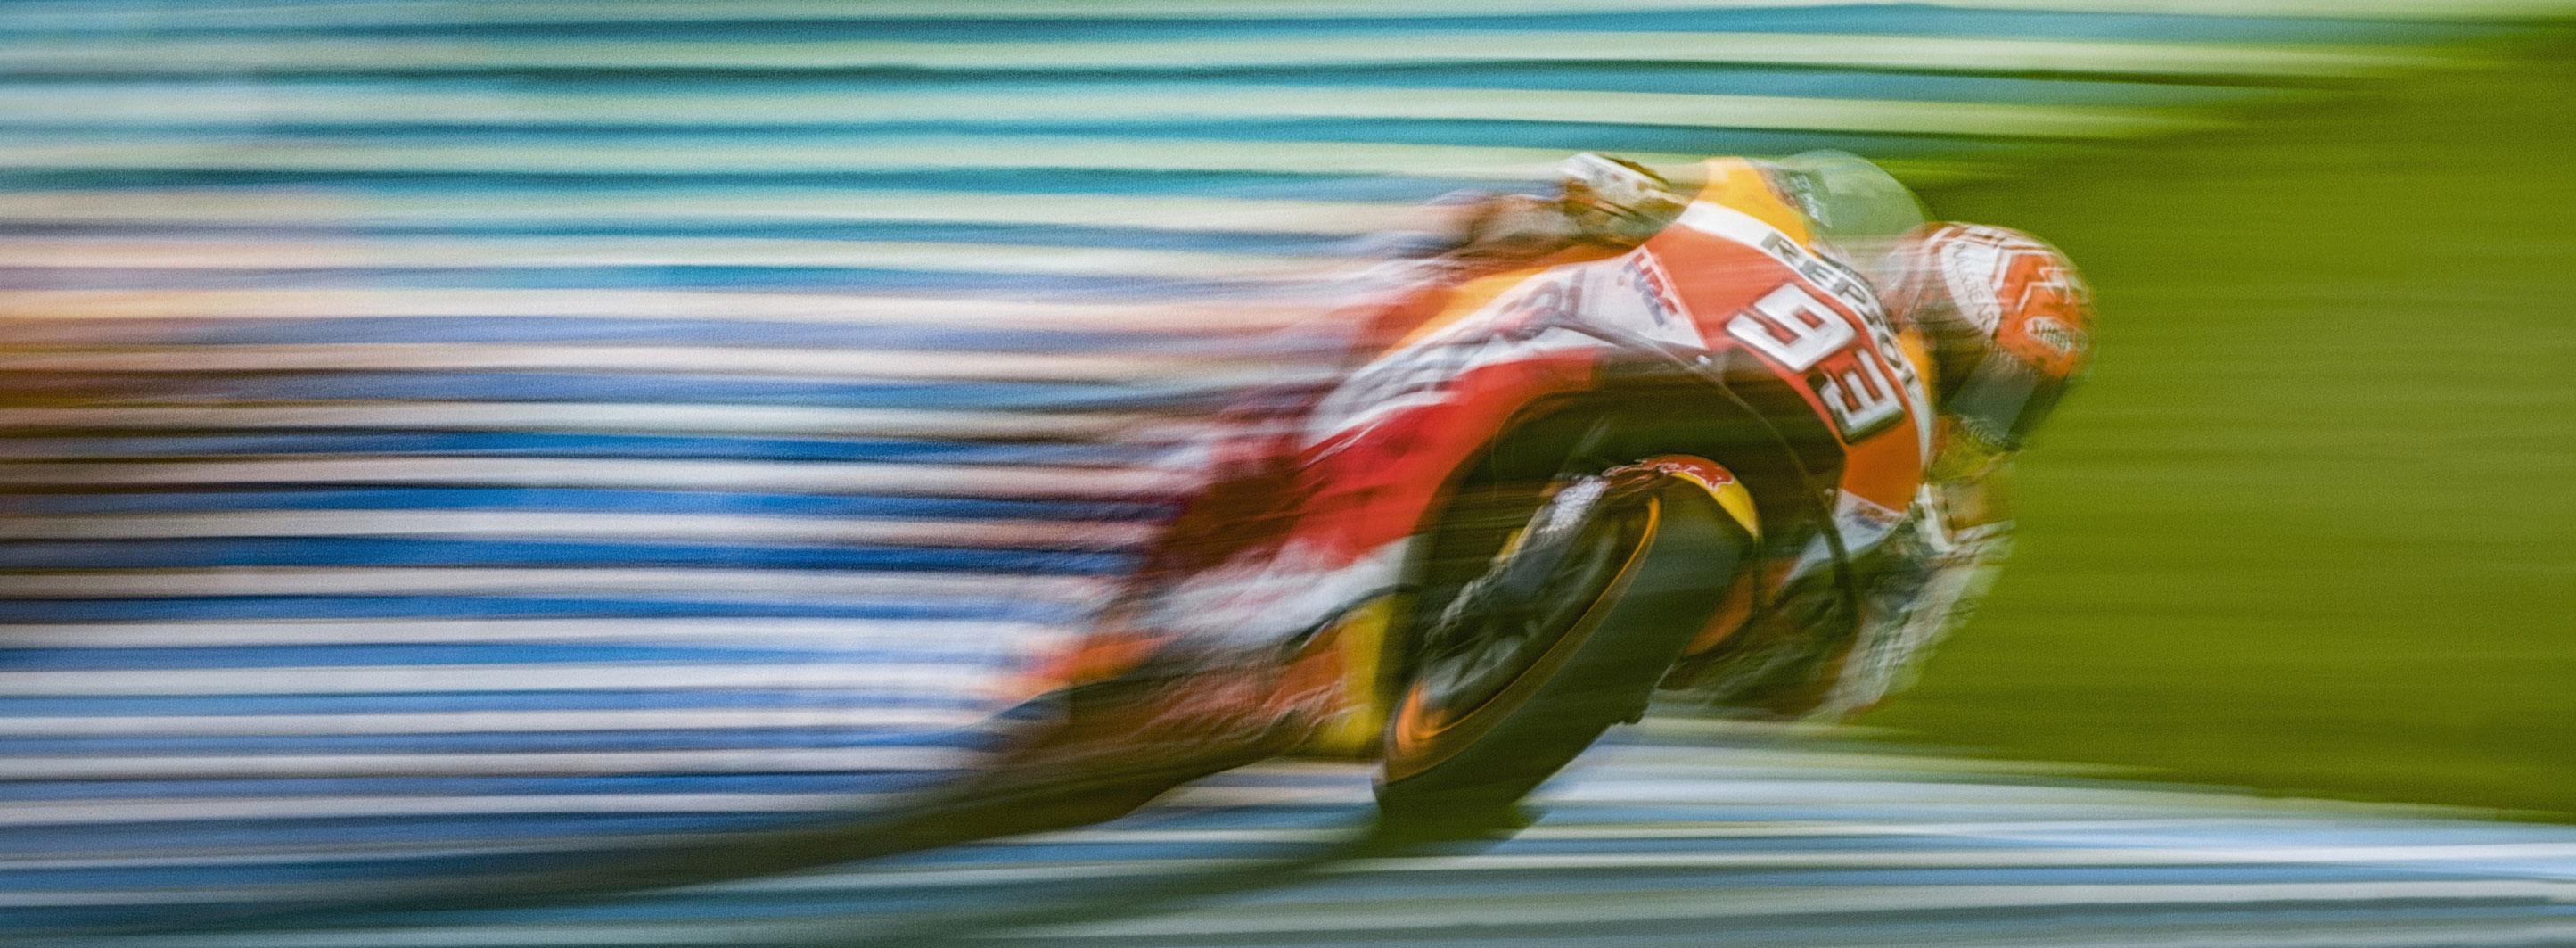 La sponsorizzazione MotoGP: cosa è, come si fa e cosa serve sapere